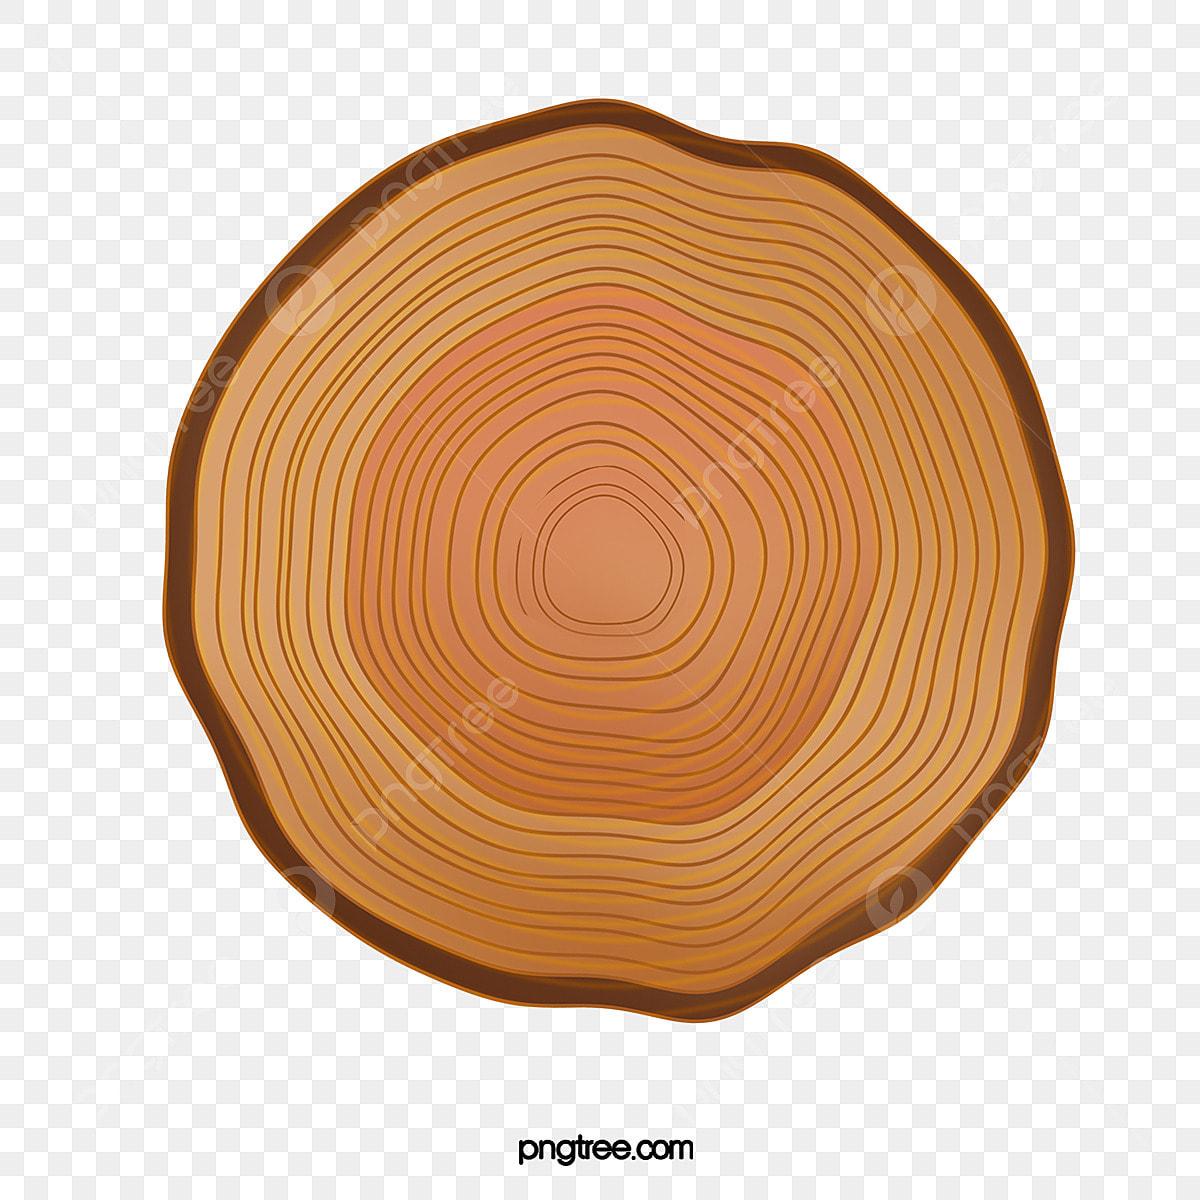 樹輪, 樹輪, 年輪, 樹木PSD格式素材和PNG圖片免費下載